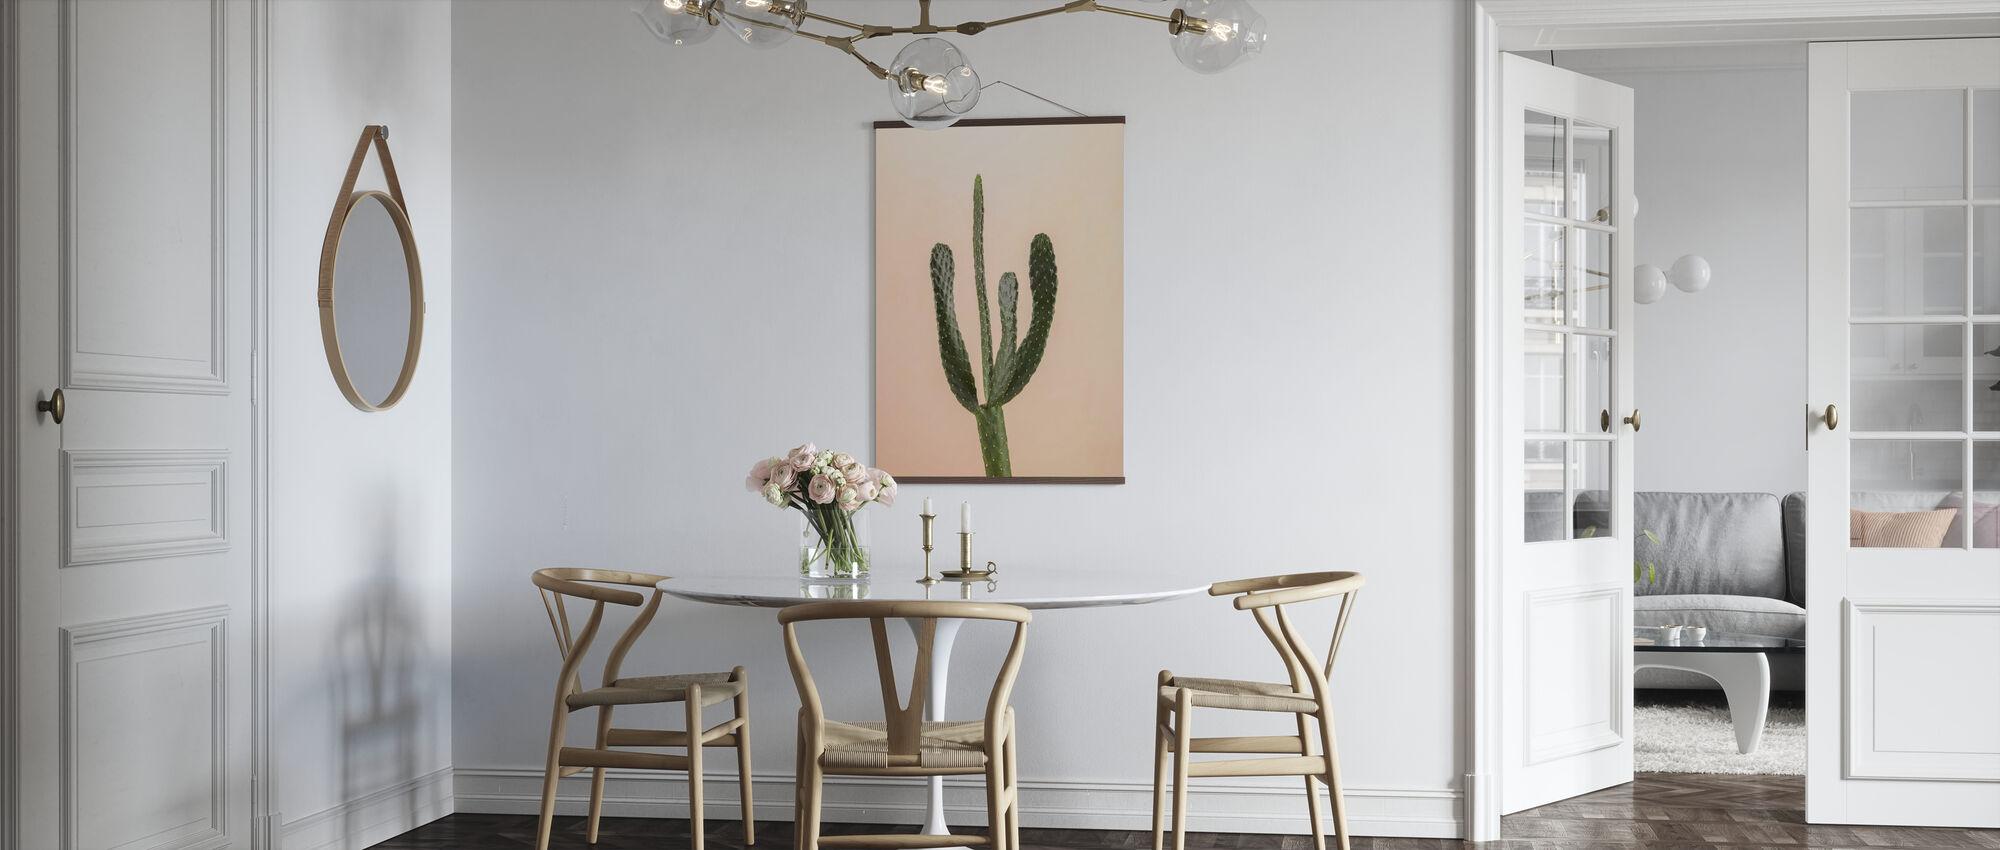 Kaktukset - Beige - Juliste - Keittiö